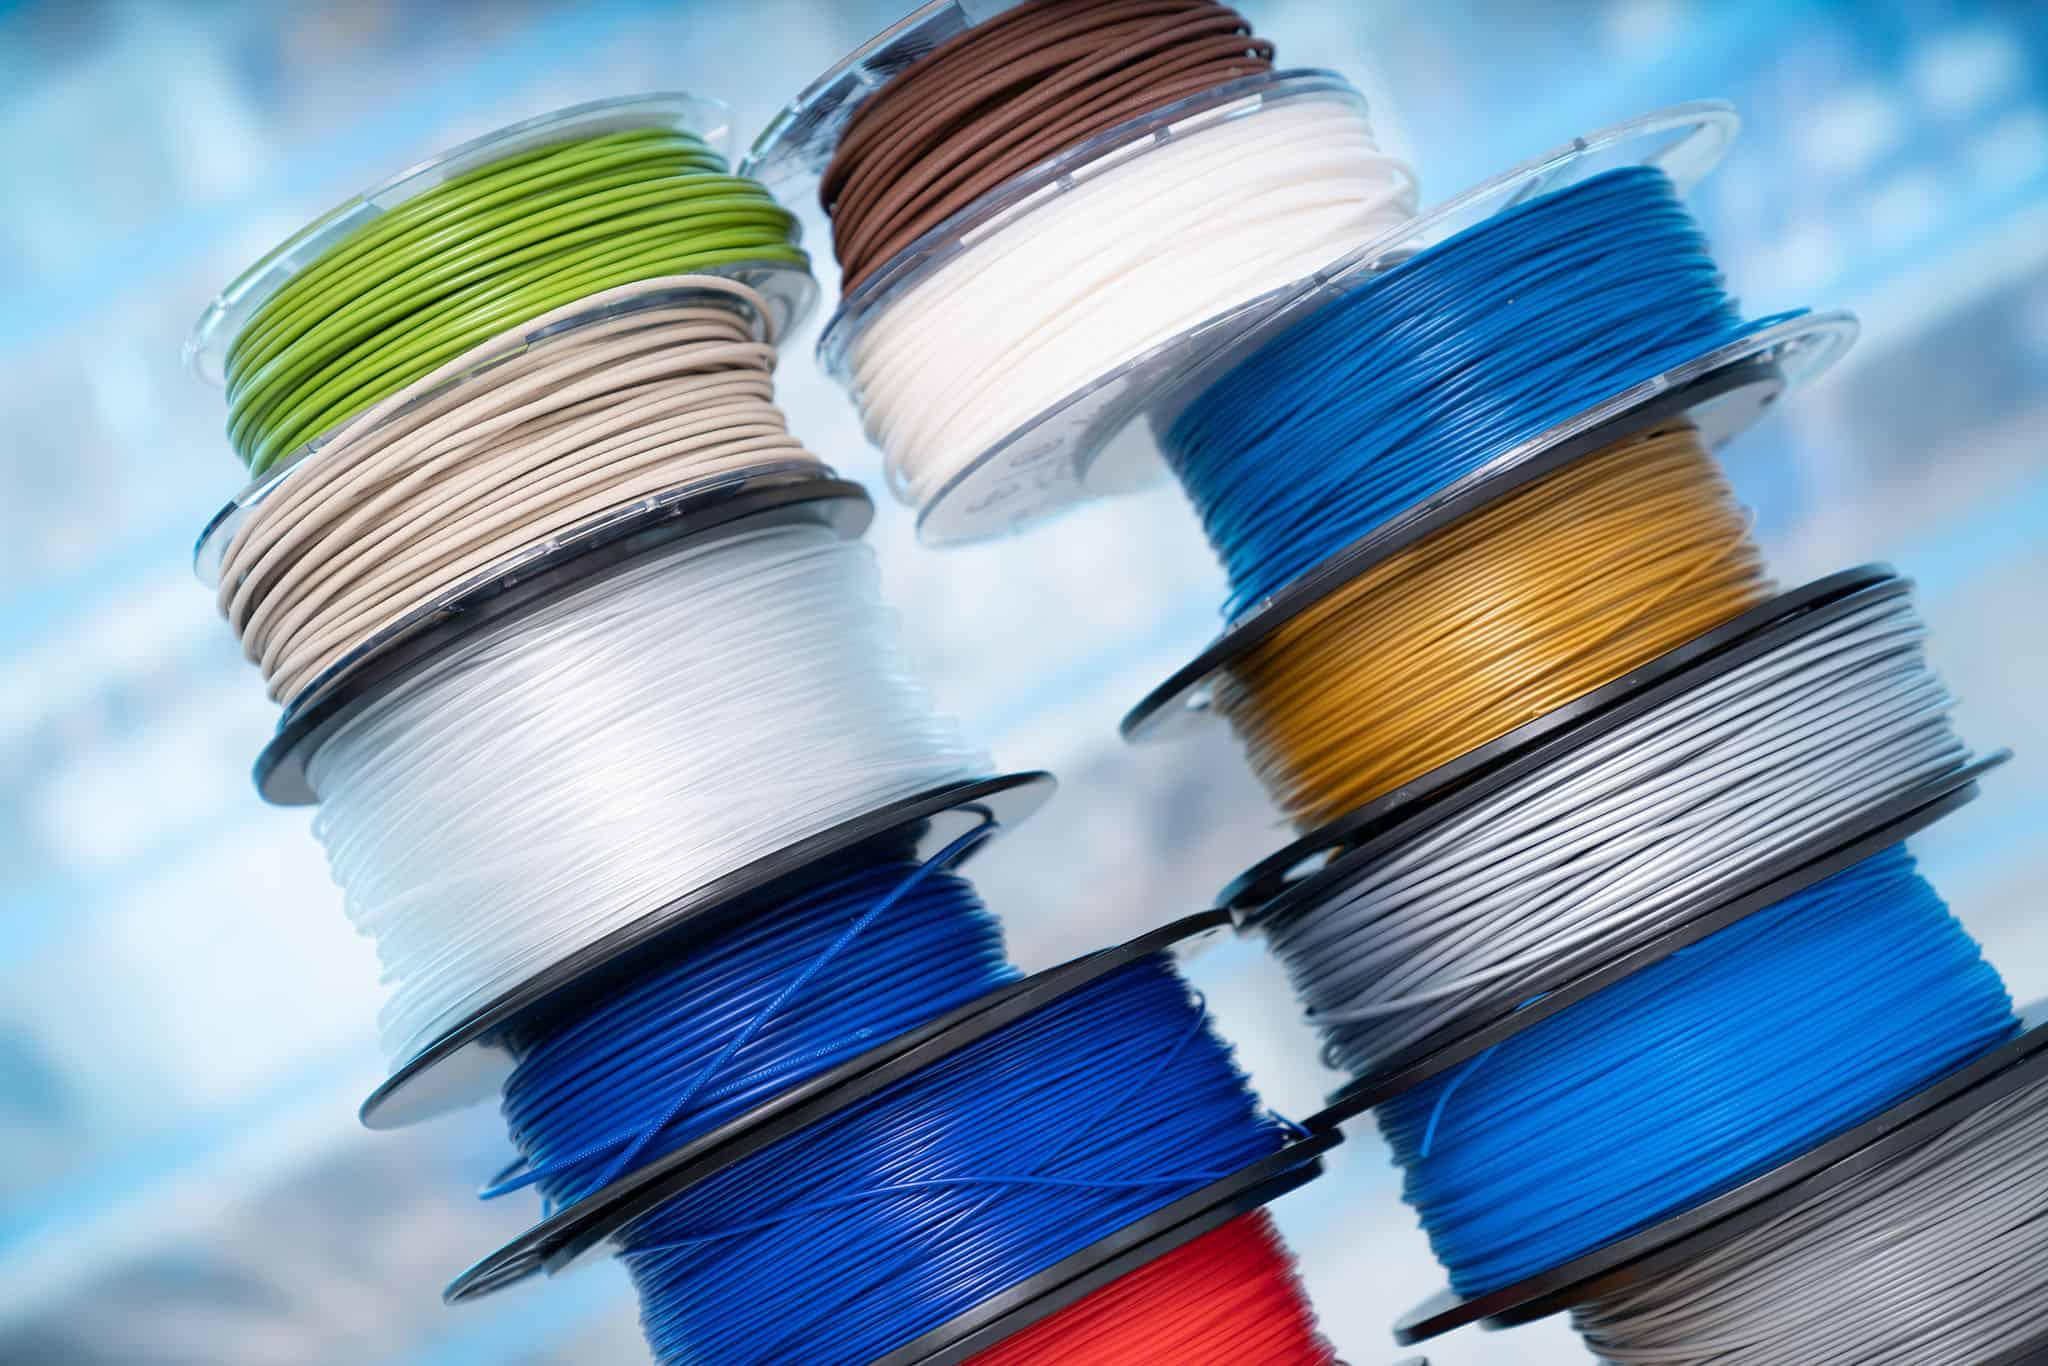 Kann 3D Druck Filament kaputt werden?